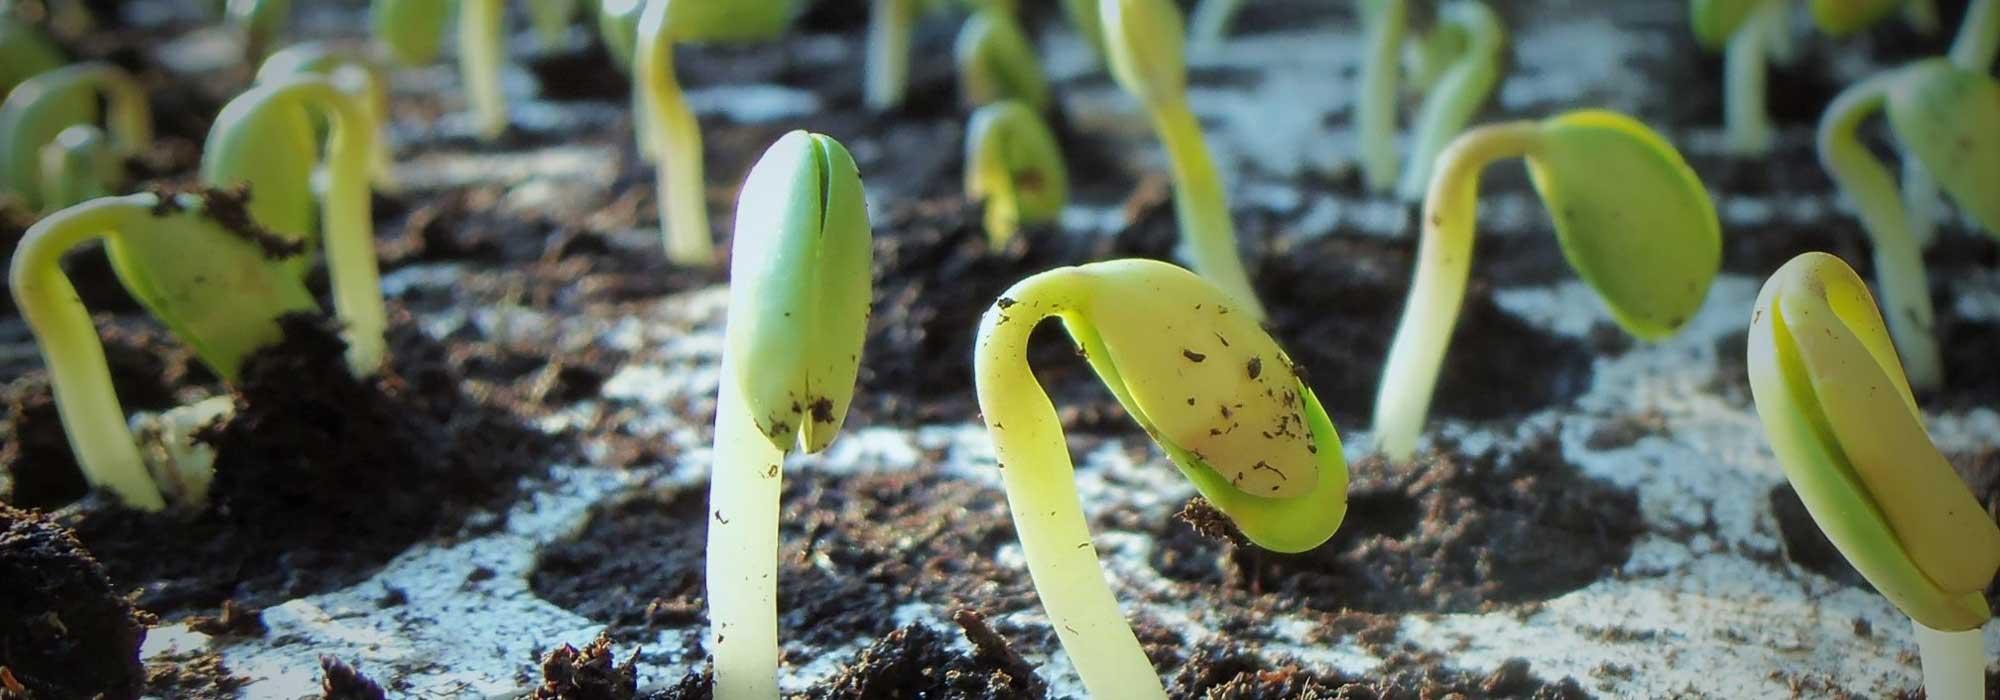 Faire Germer Un Marron D Inde semer des graines : tout ce qu'il faut savoir, nos conseils